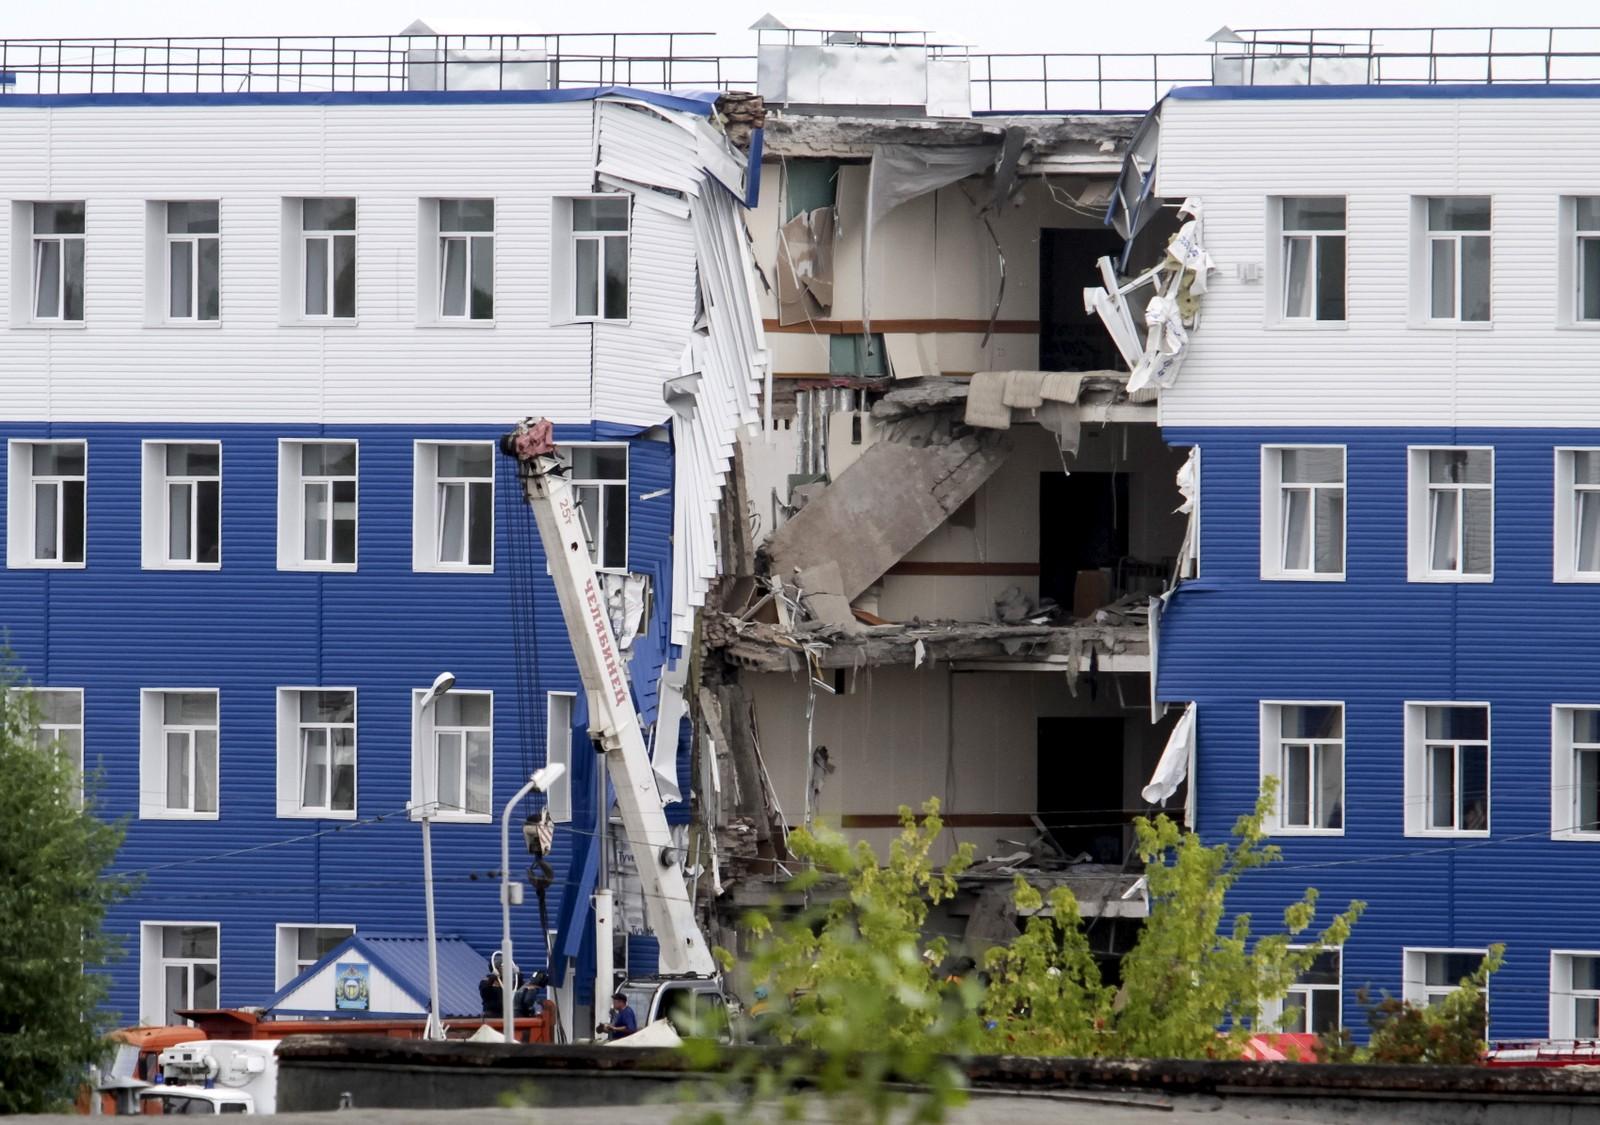 En militær brakke kollapset i Omsk, Russland, denne uka. 23 soldater mistet livet.